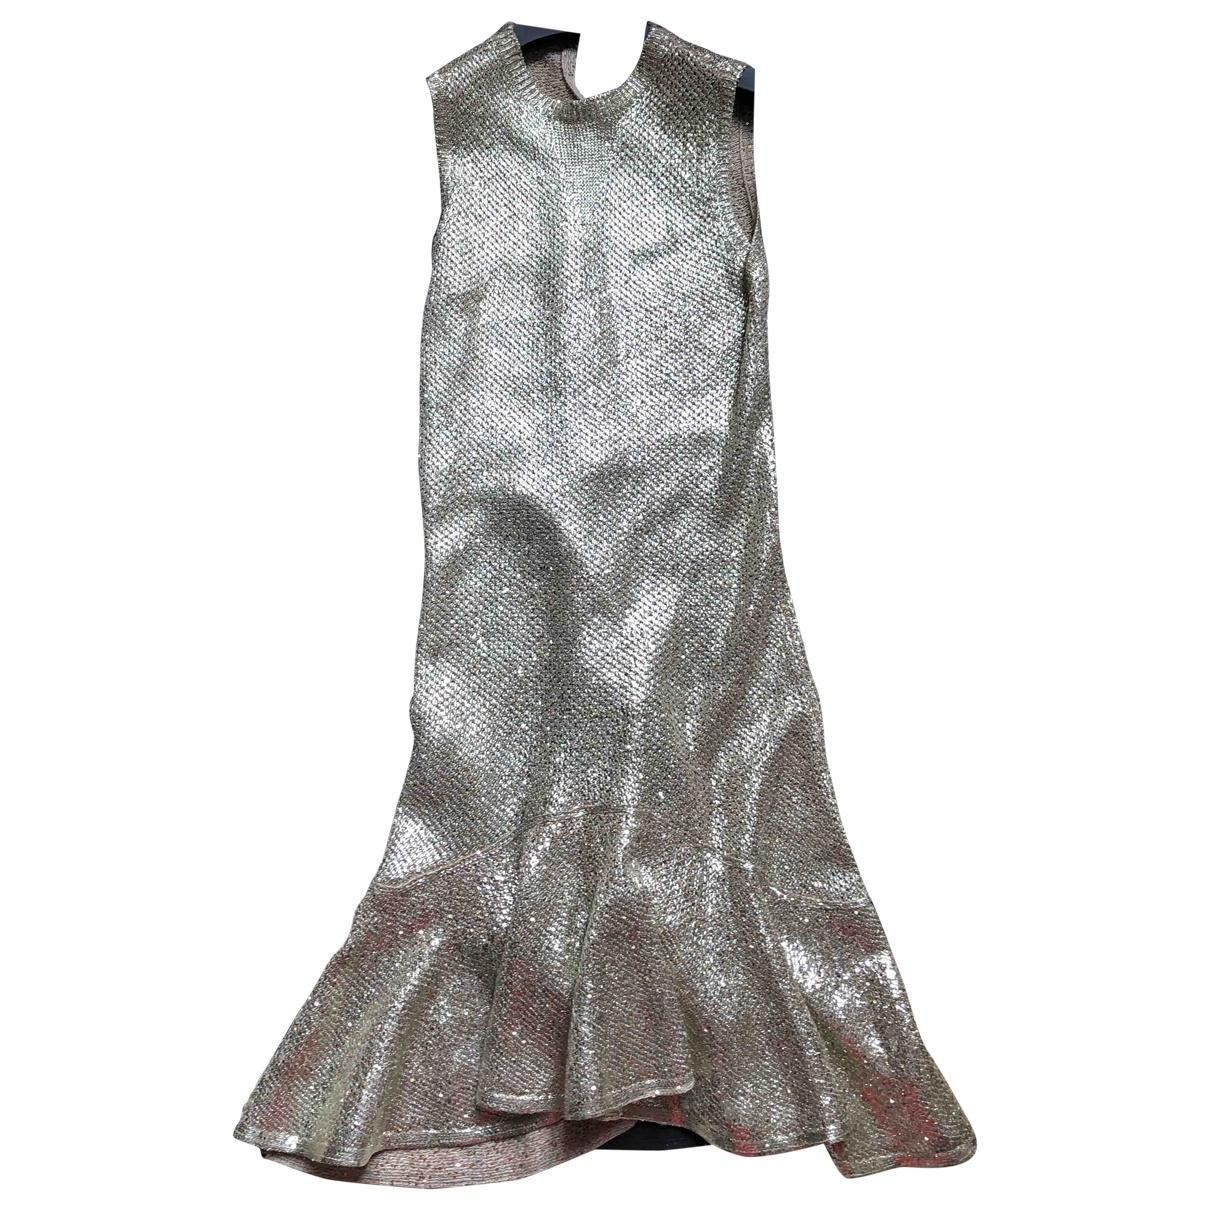 Alexander Mcqueen \N Gold Cotton dress for Women XS International